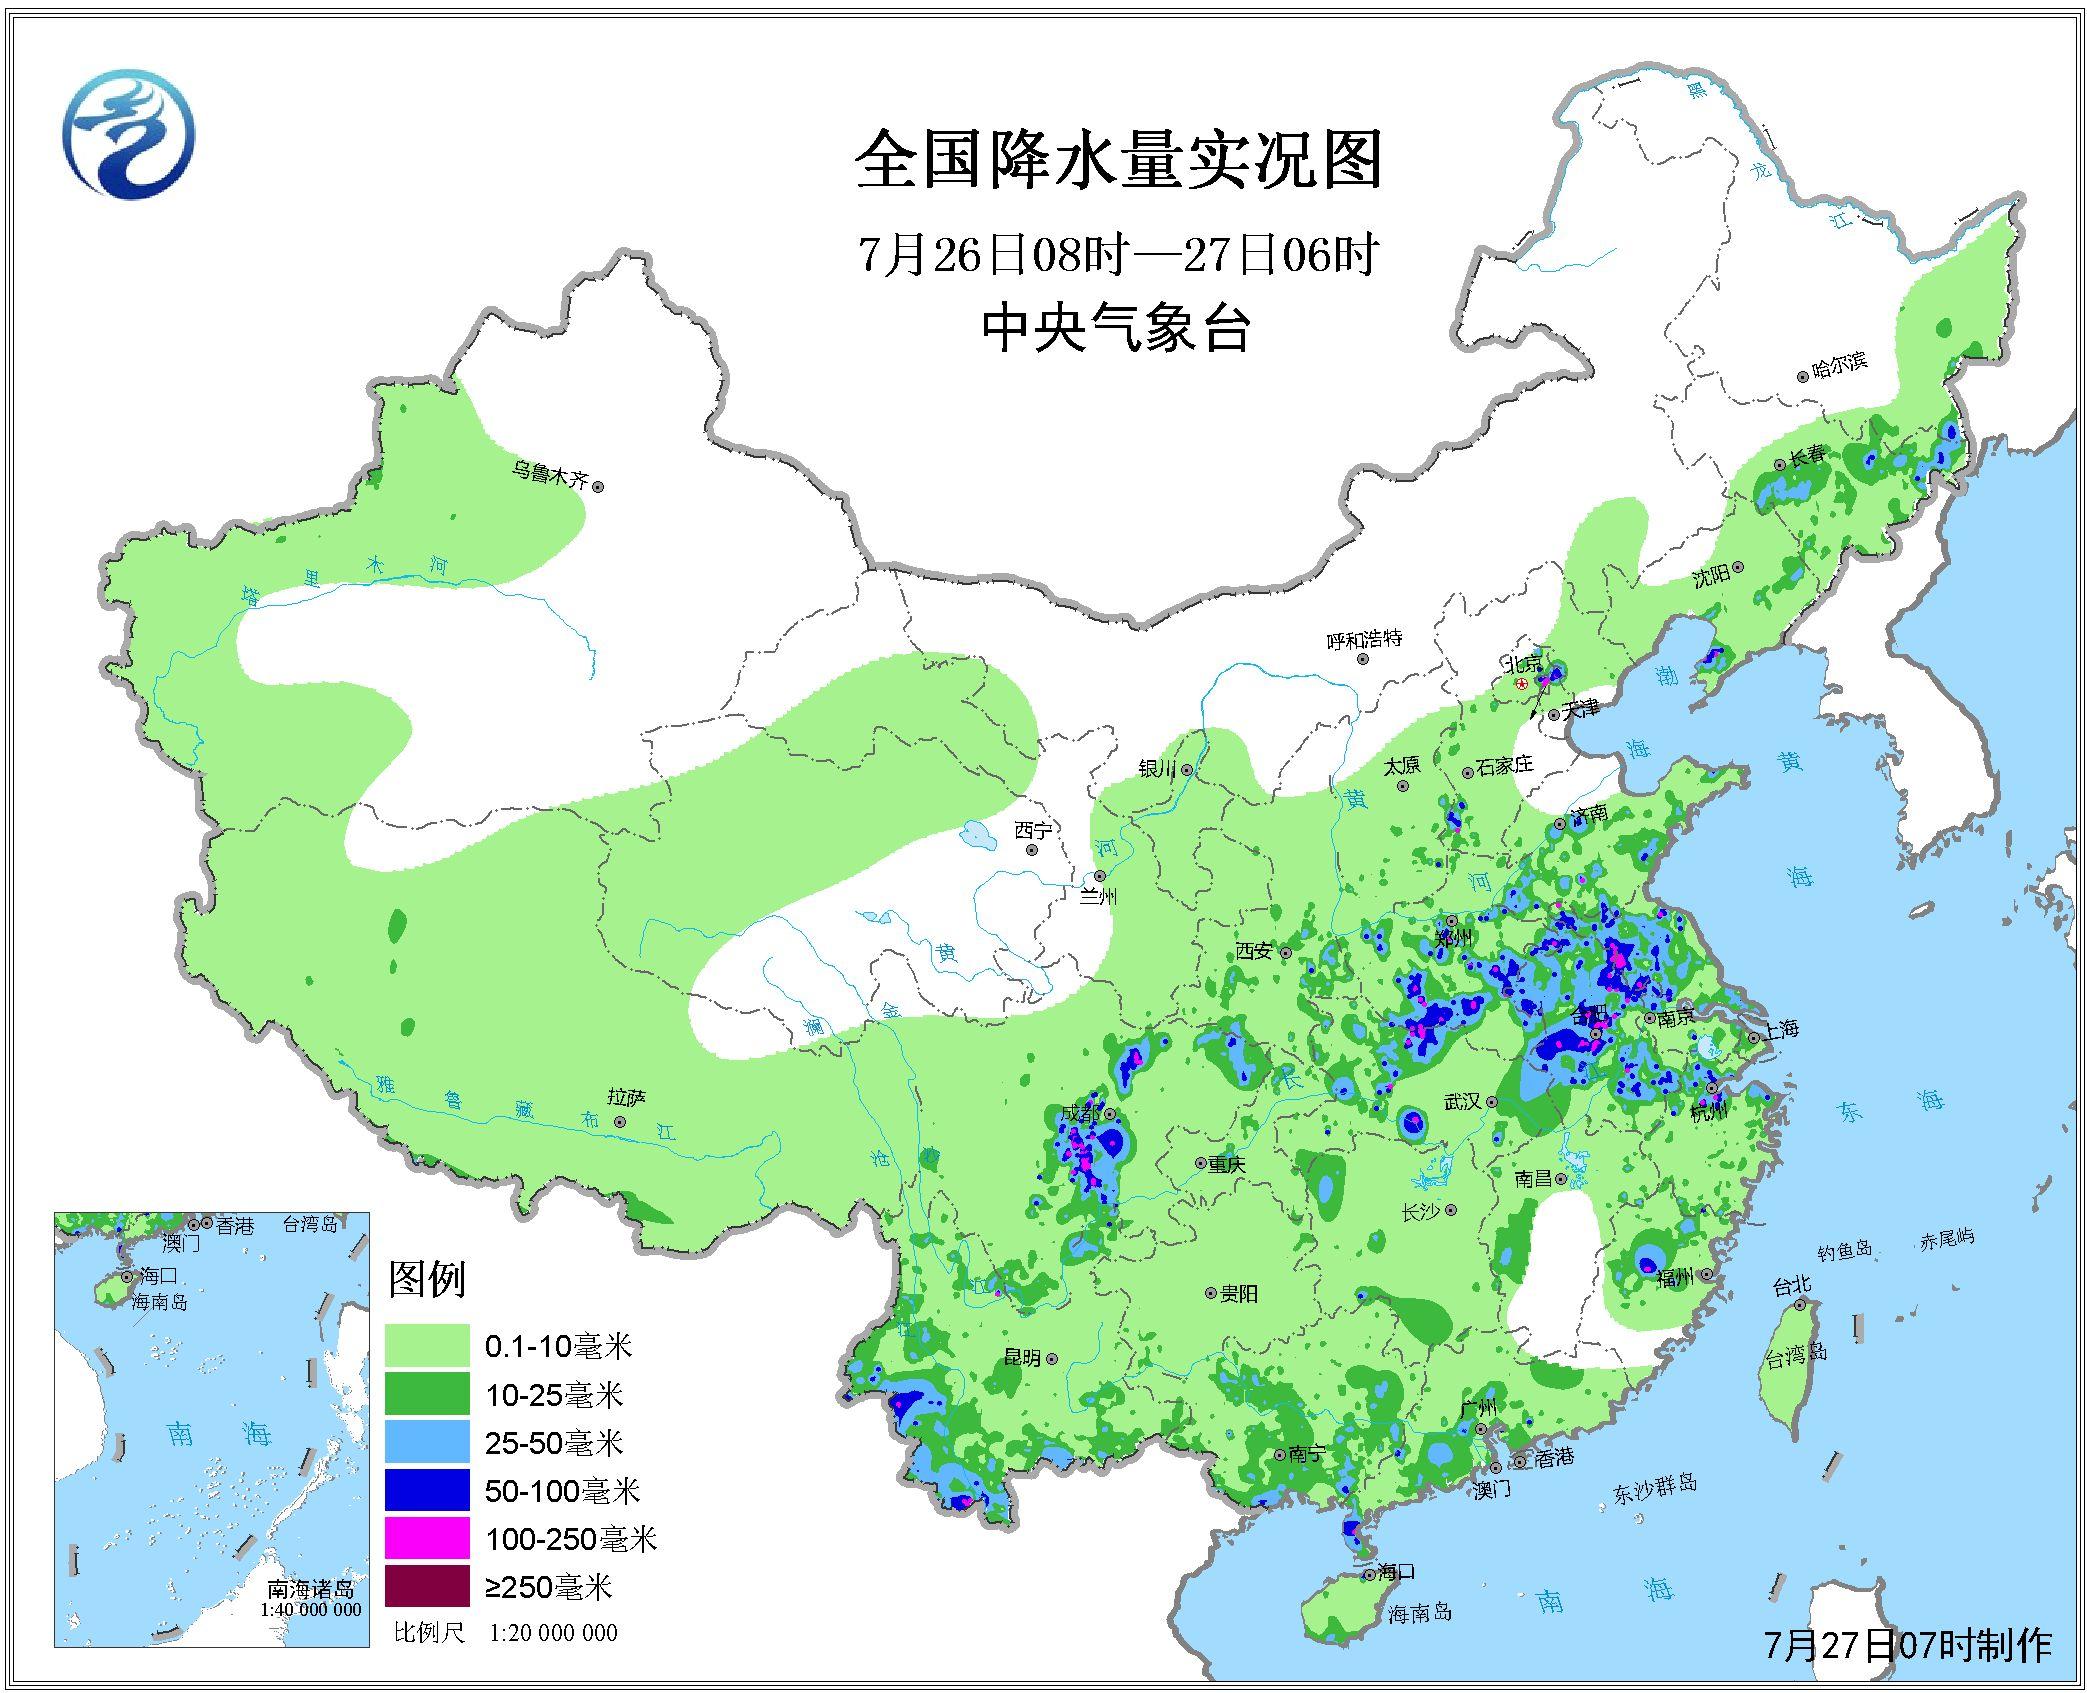 昨日河南湖北江苏安徽浙江等地出现分散性大到暴雨图片